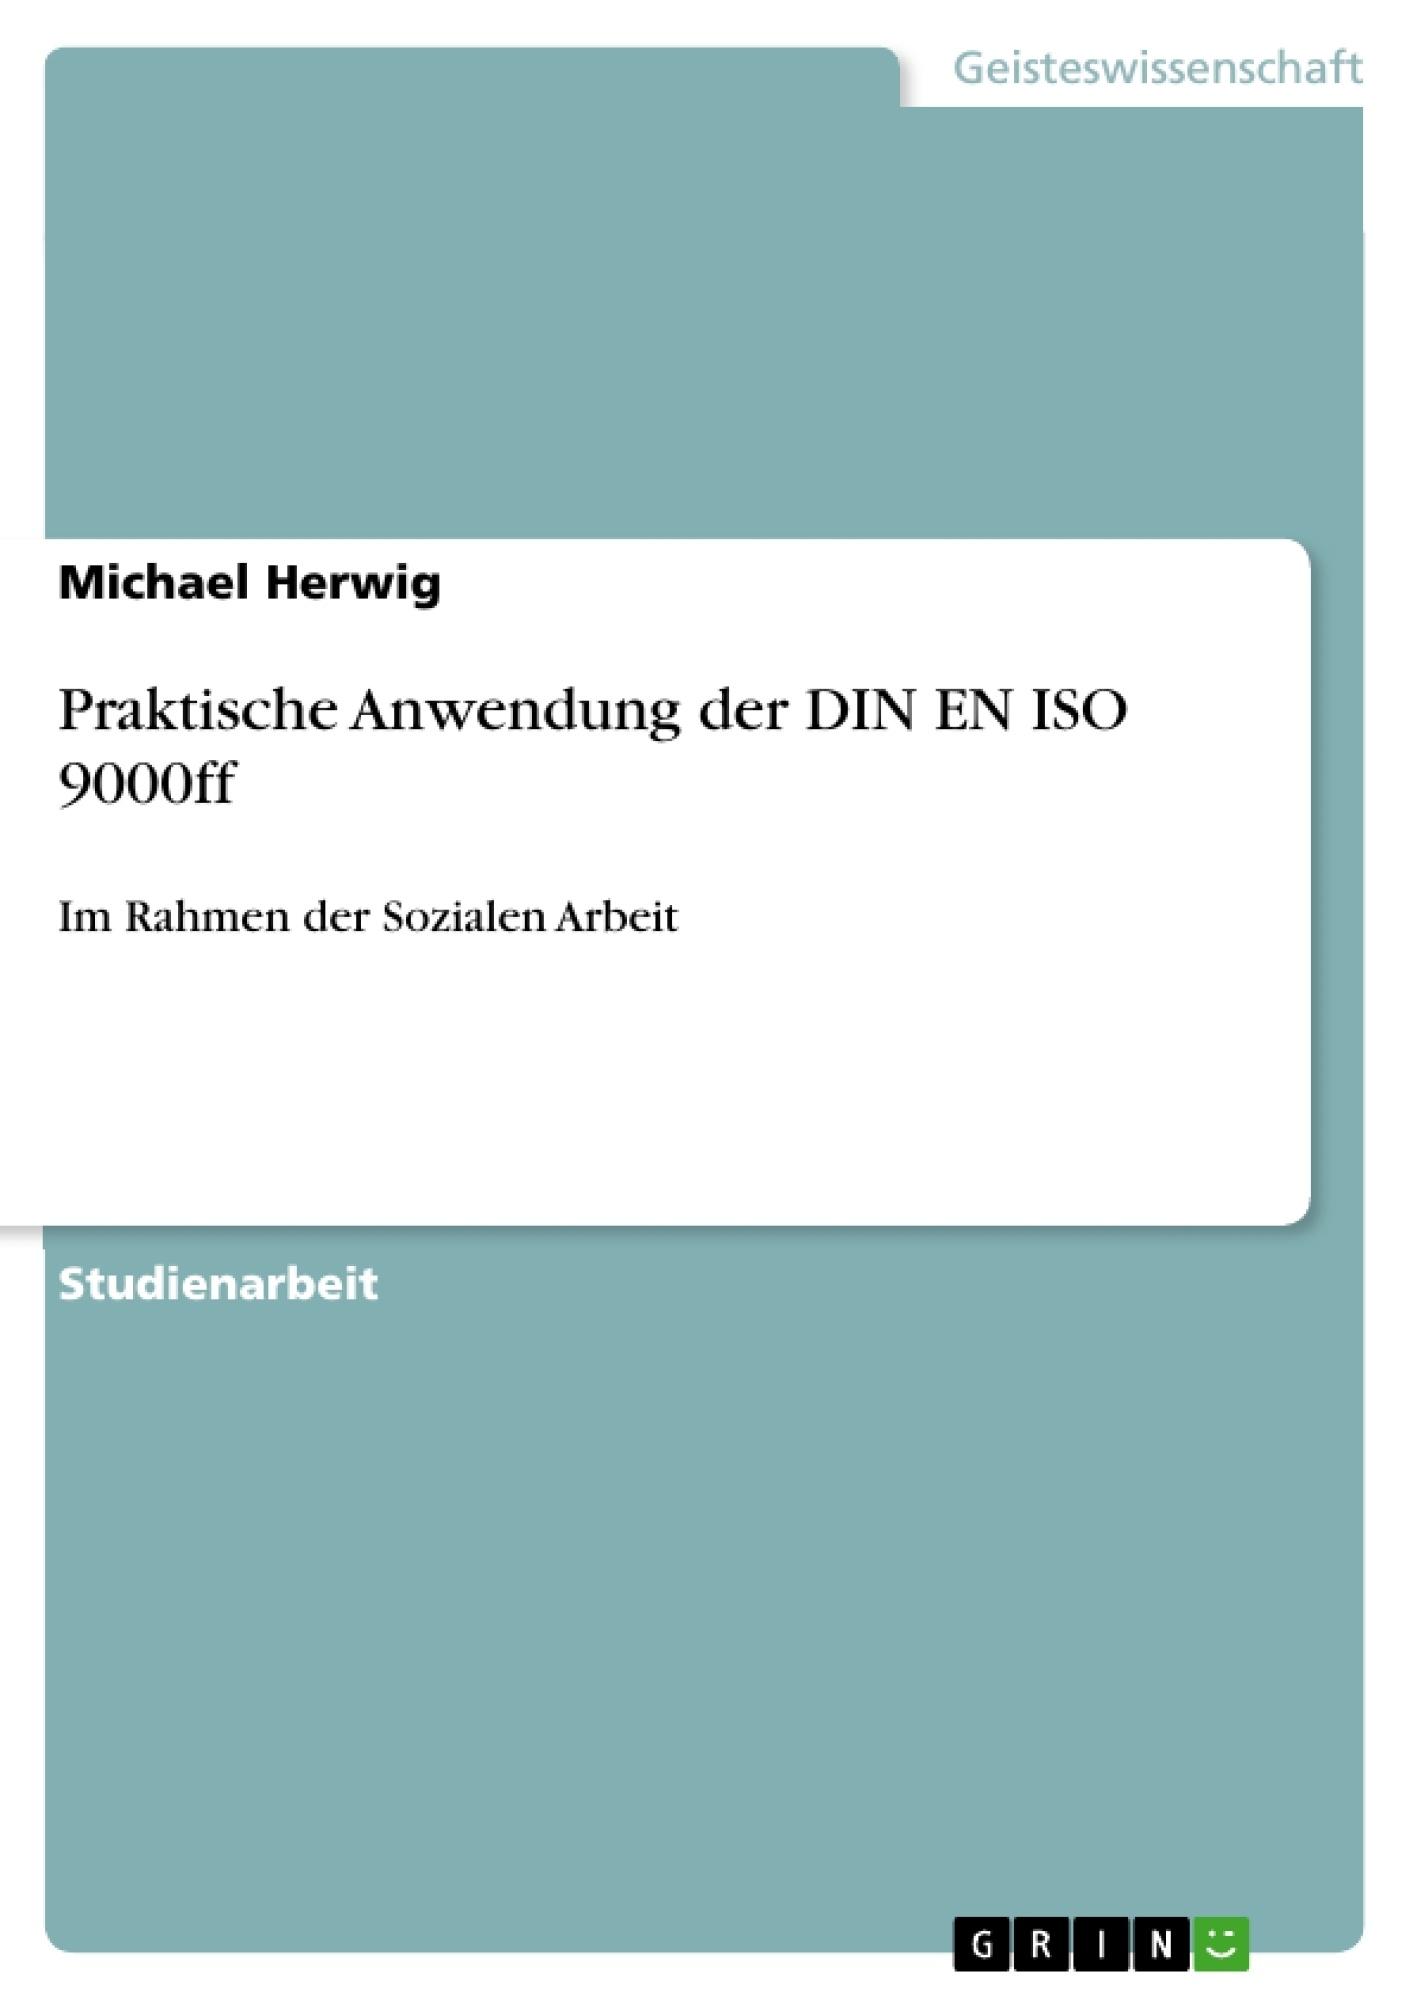 Titel: Praktische Anwendung der DIN EN ISO 9000ff